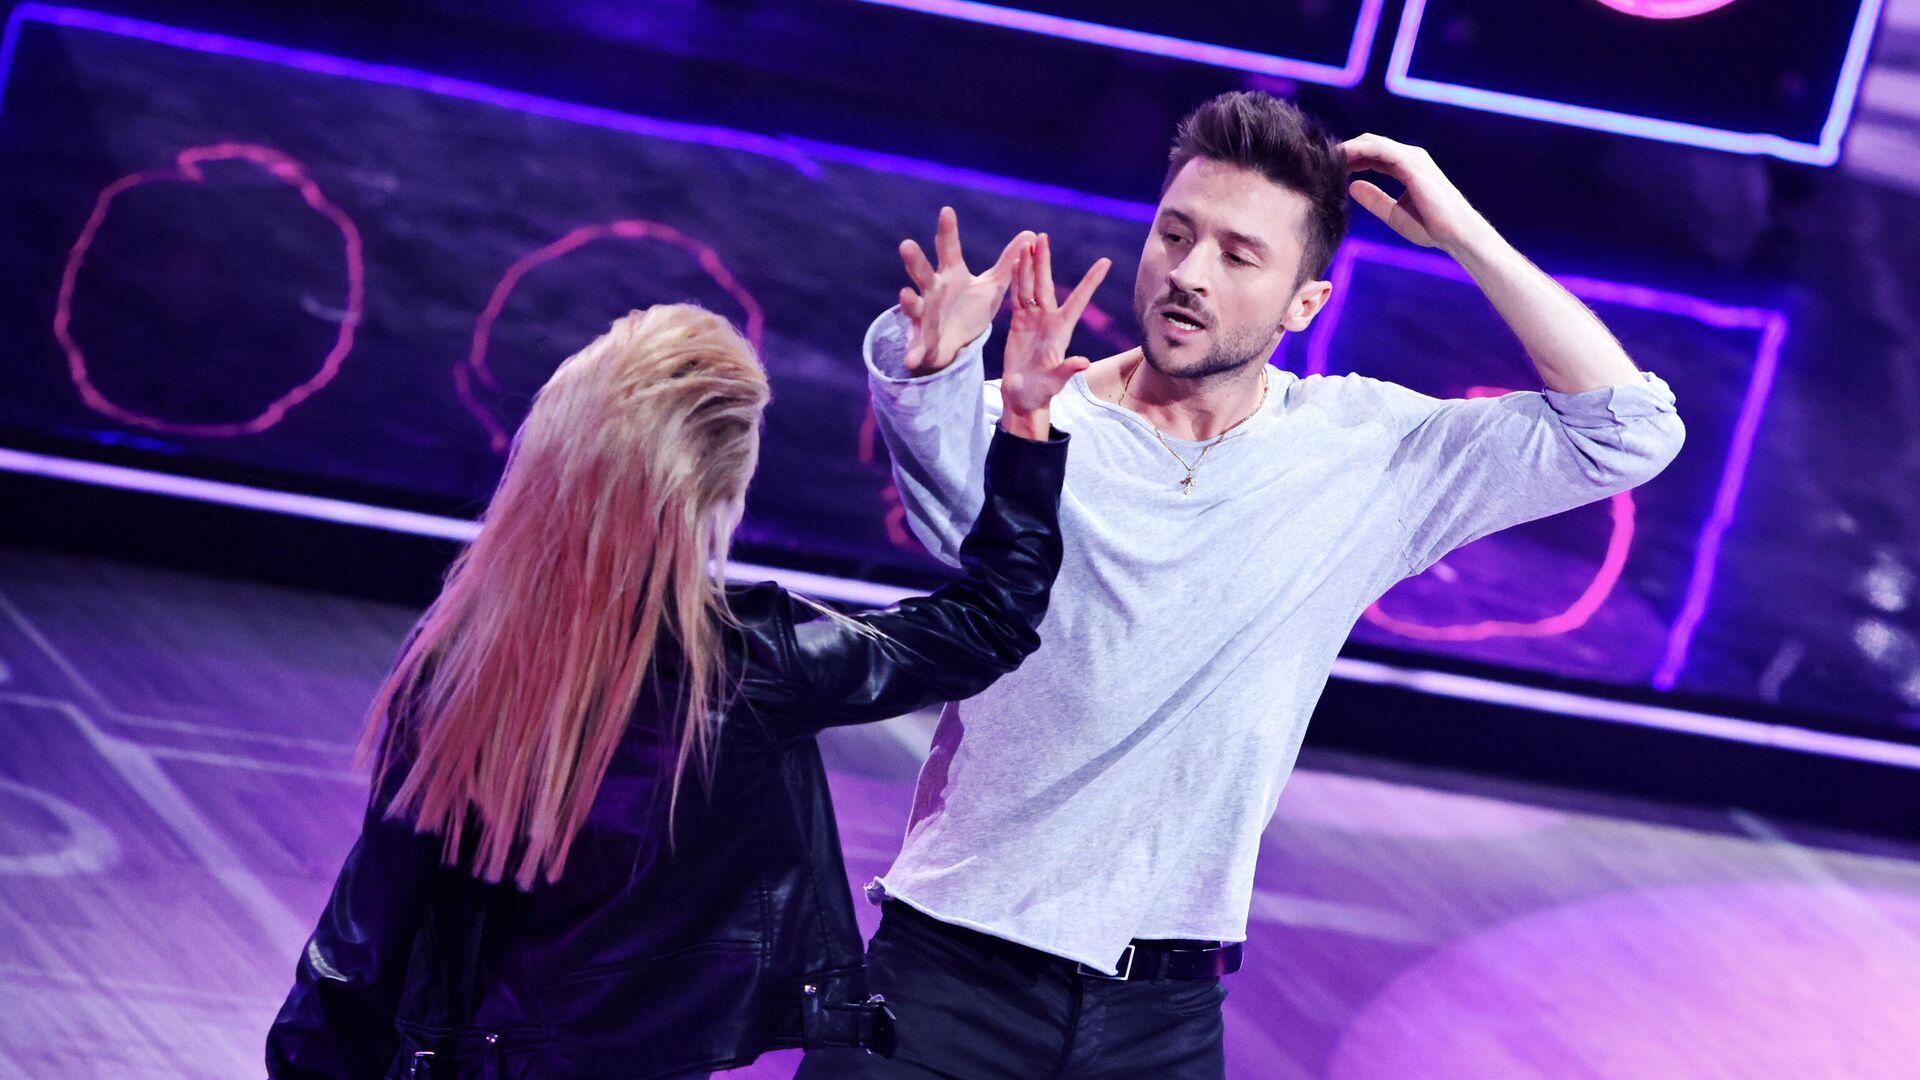 """Лазарев и Манукян рассказали, как они шли к финалу """"Танцев со звездами"""" - РИА Новости, 22.02.2021"""